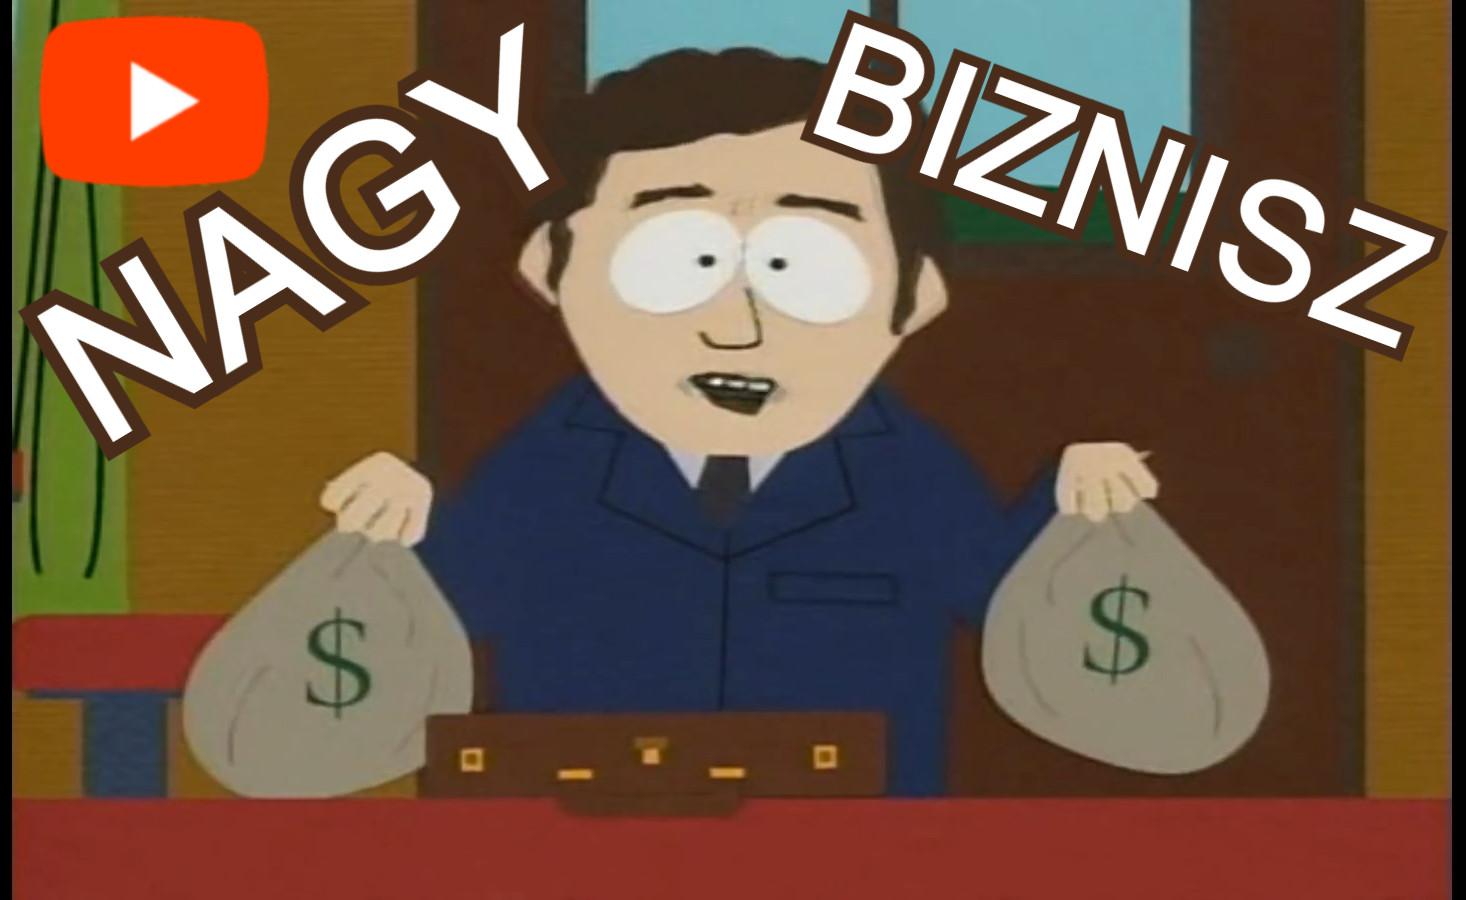 Miben van nagy üzlet?